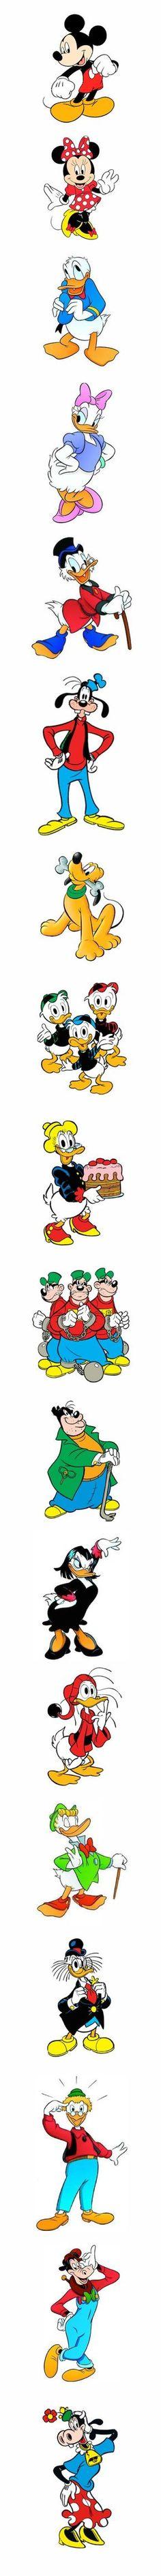 Walt Disney: Topolino, Paperino, Paperina, Topolina, Qui Quo Qua, Paperoga, Zio Paperone, Banda Bassotti, Archimede, Pluto, Pippo, ecc. (Mickey Mouse, Minnie, Goofy, Pluto, Donald Duck, Uncle Scrooge, Daisy Duck & Co.):